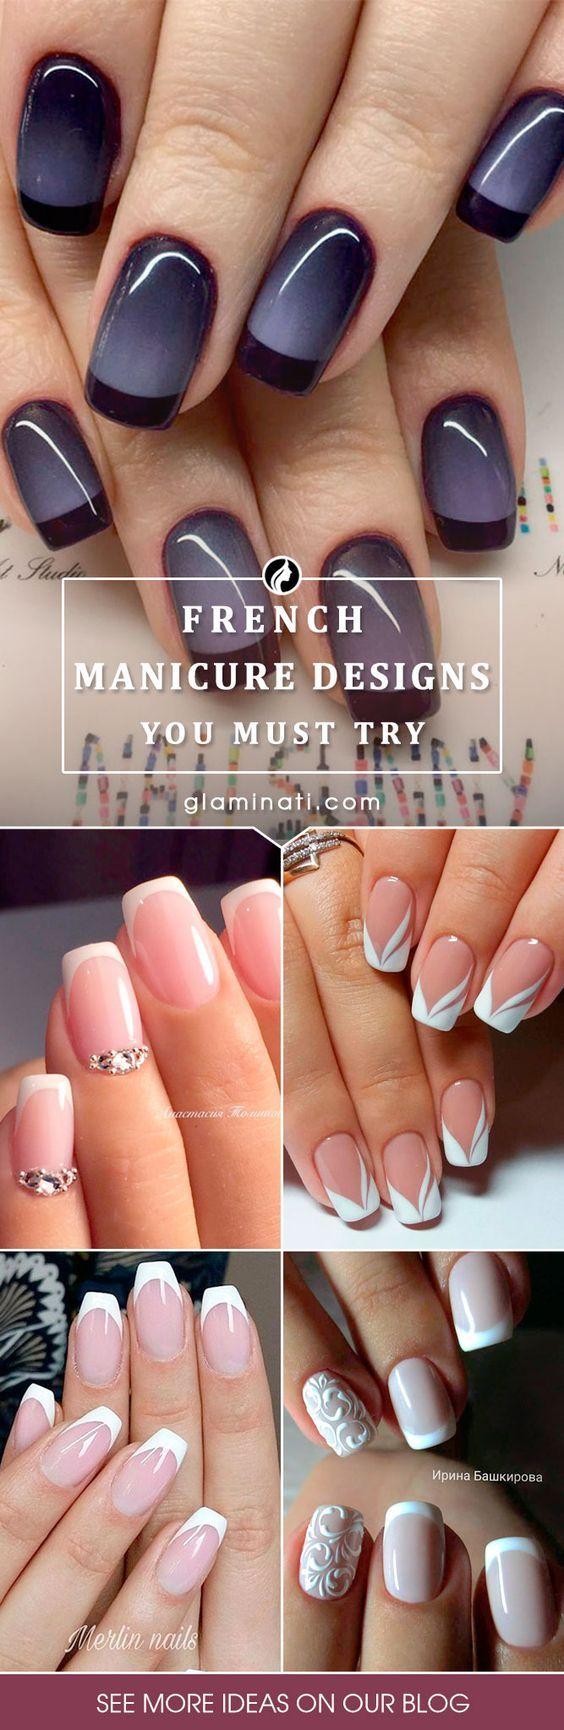 french pedicure design